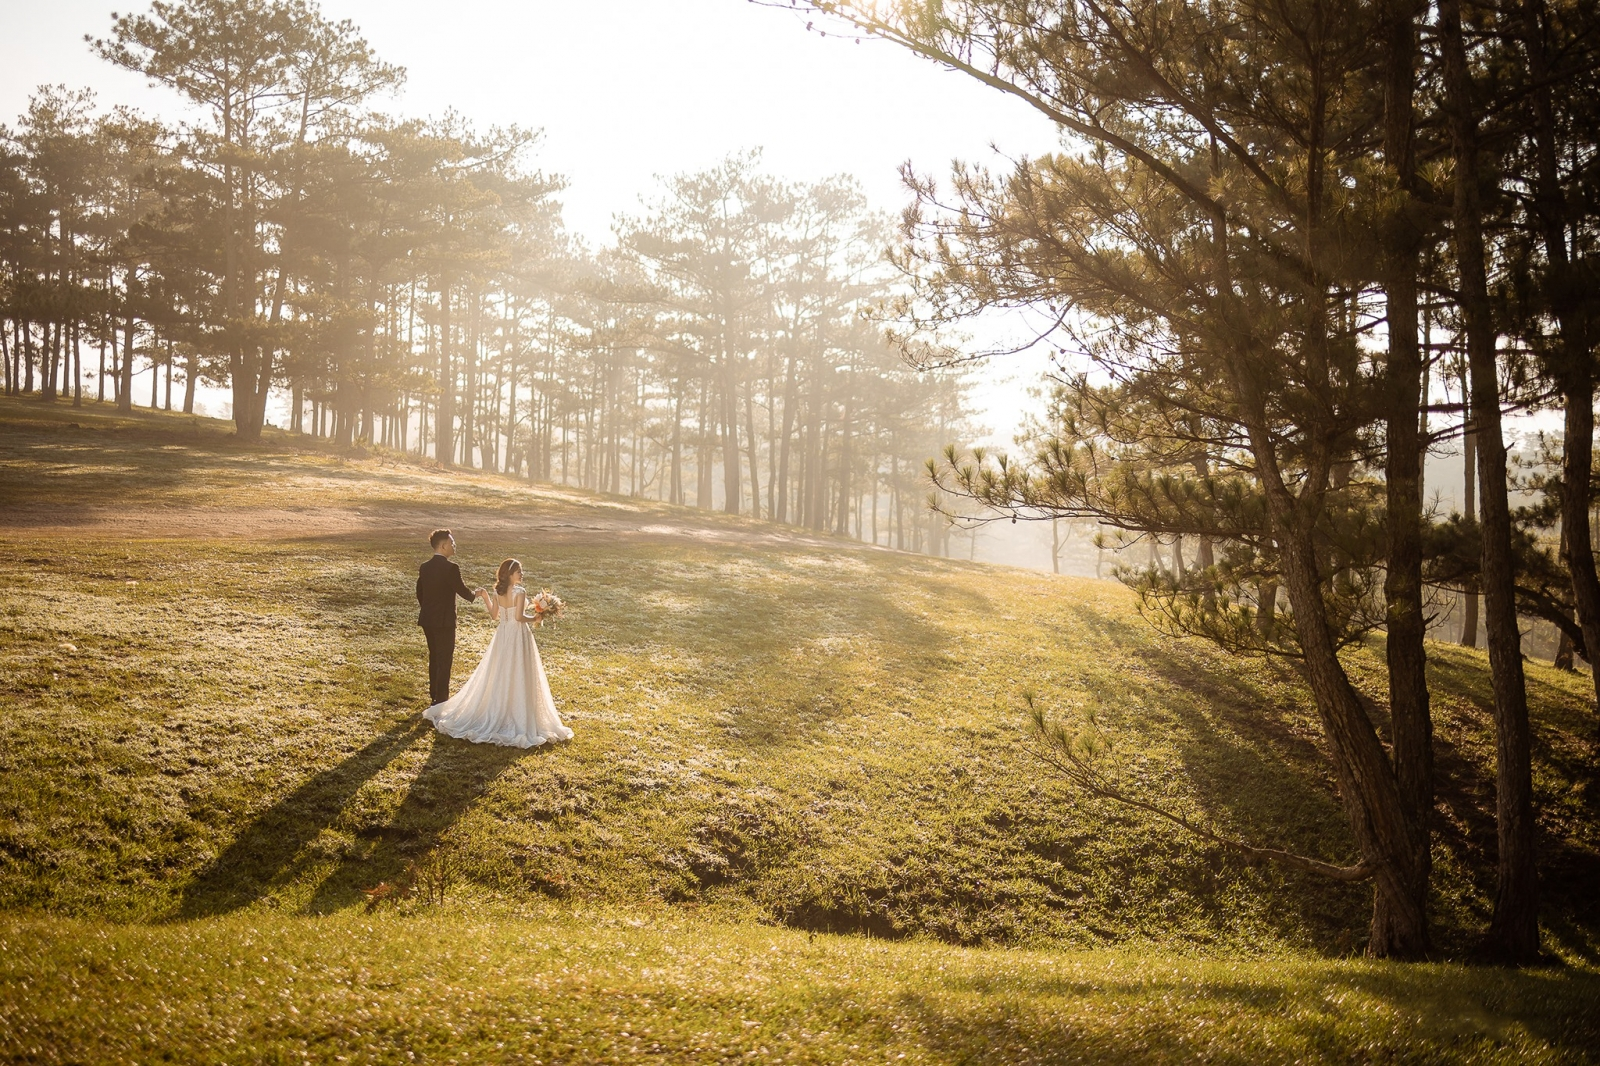 Ảnh cưới đẹp Đà Lạt tại Đồi Thông